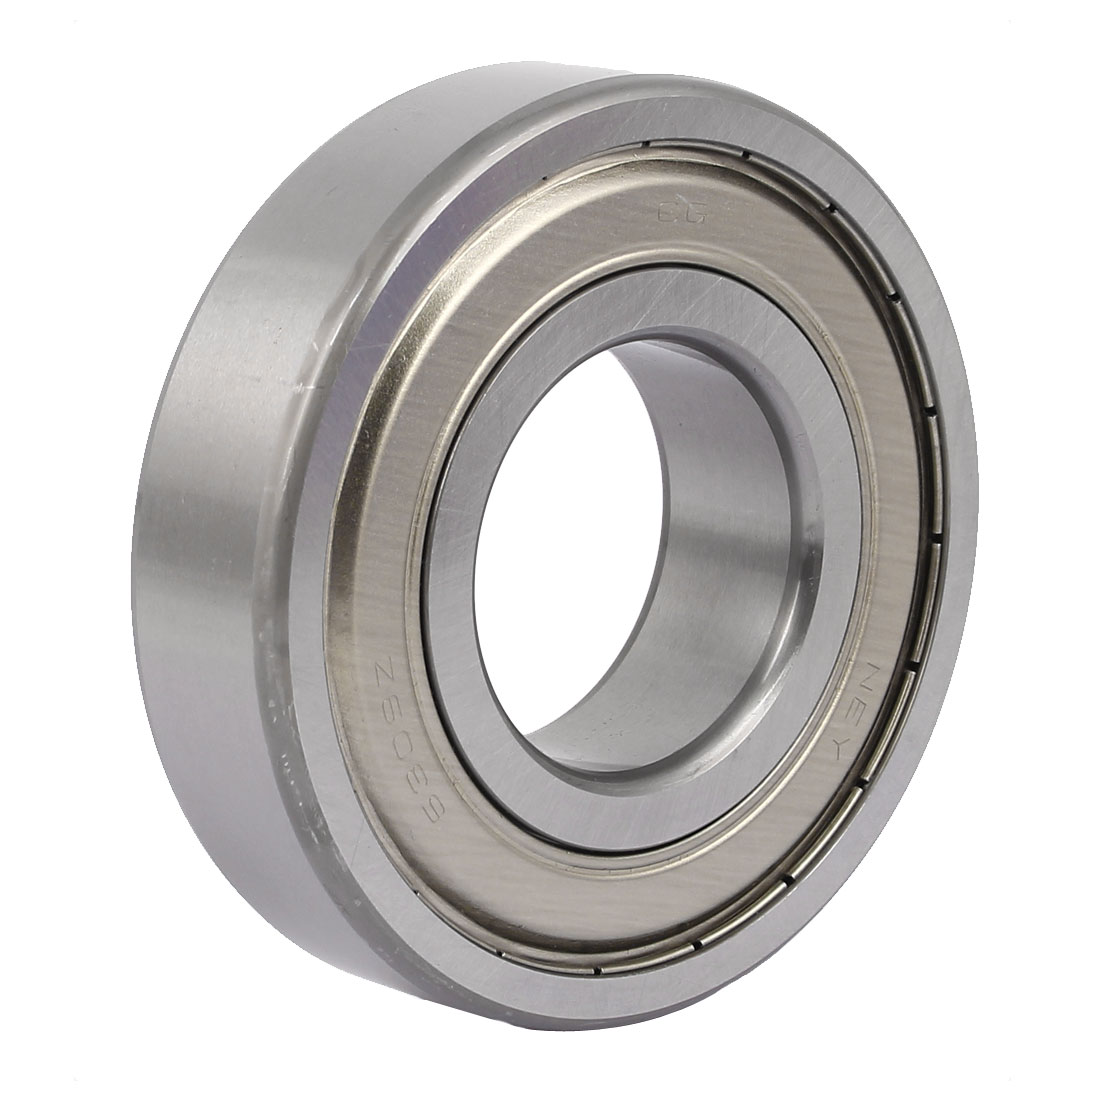 ZZ6310 110mm x 49mm Double Steel Shielded Deep Groove Ball Wheel Bearing